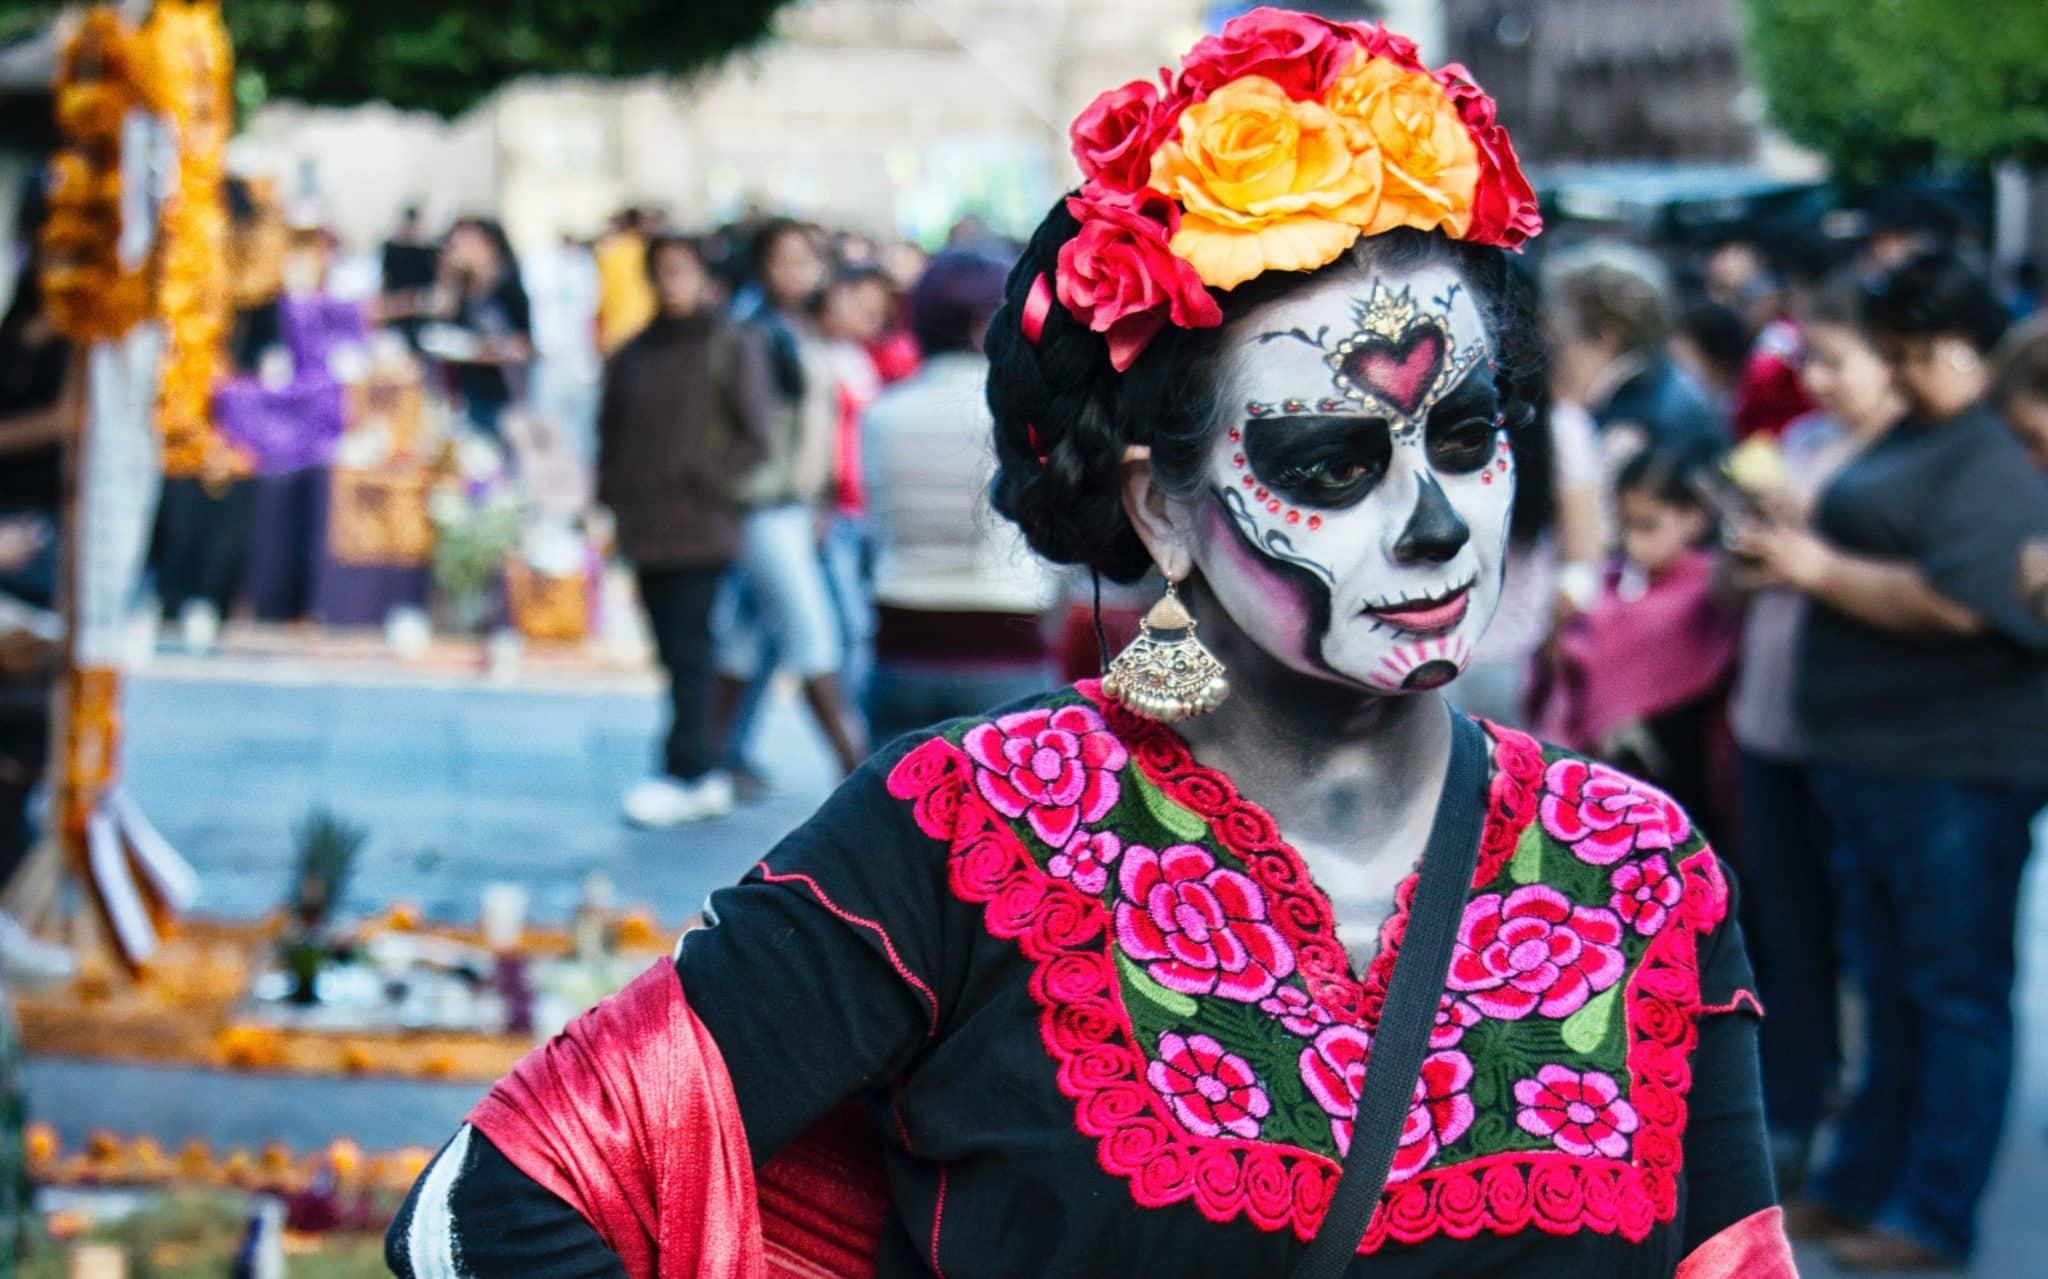 Uma mulher com um traje/fantasia típico do dia dos mortos.